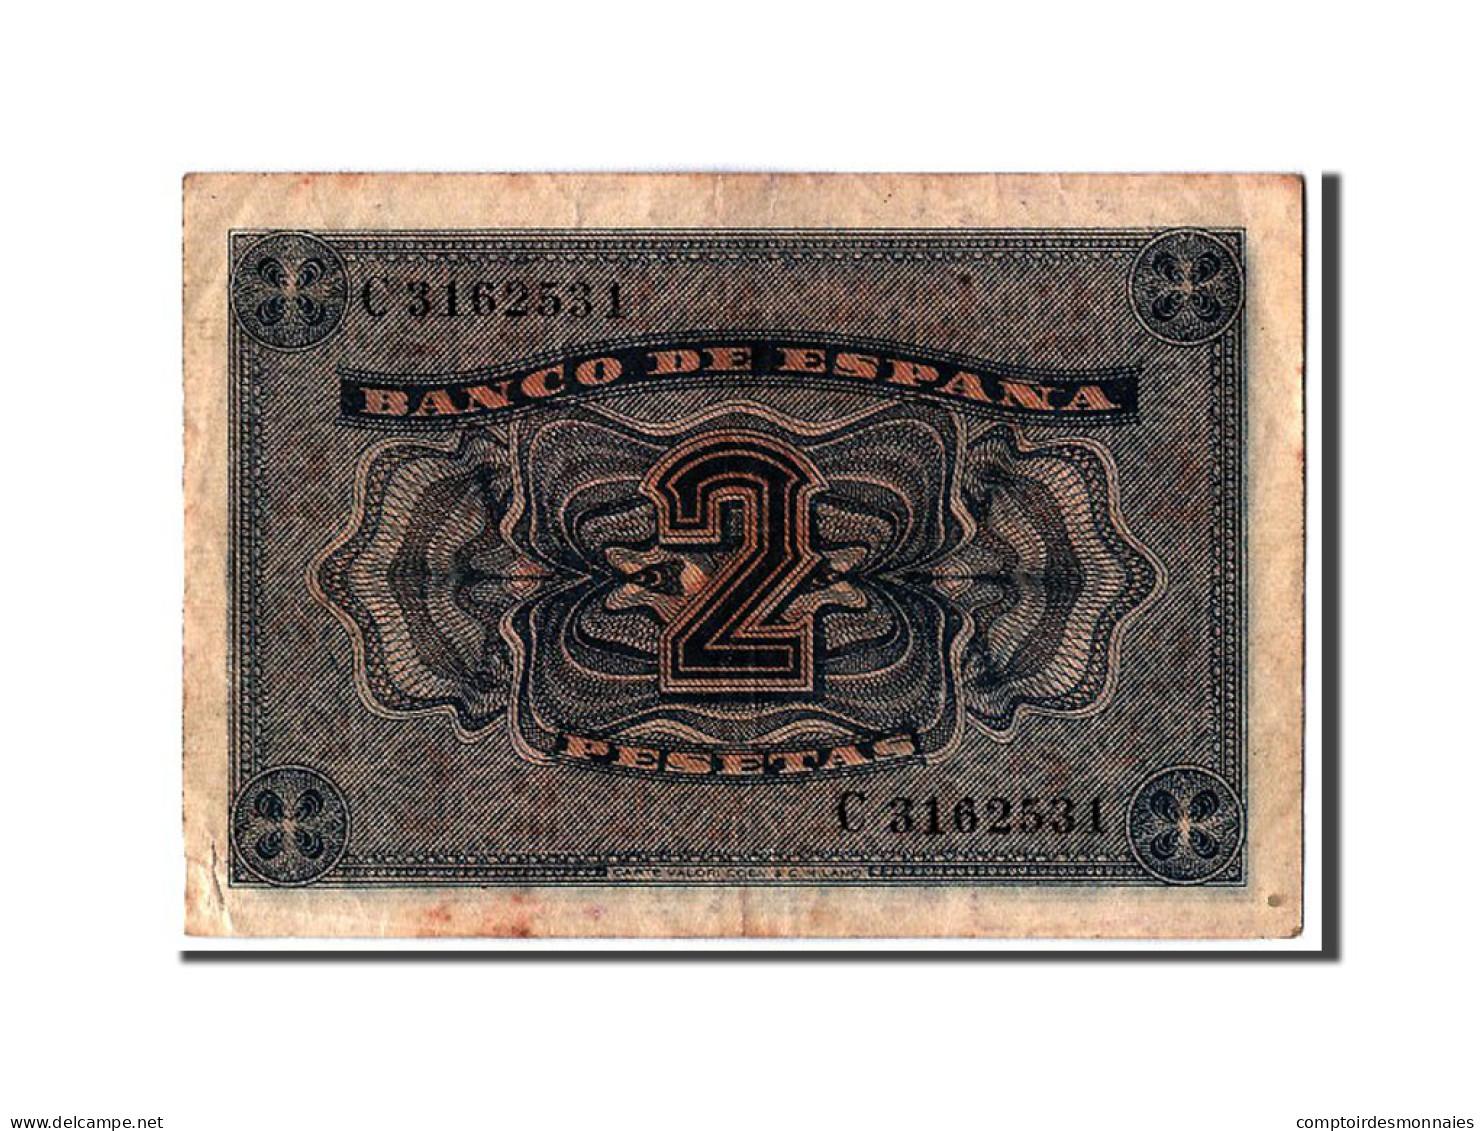 [#304375] Espagne, 2 Pesetas Type 1938 - 1-2 Pesetas